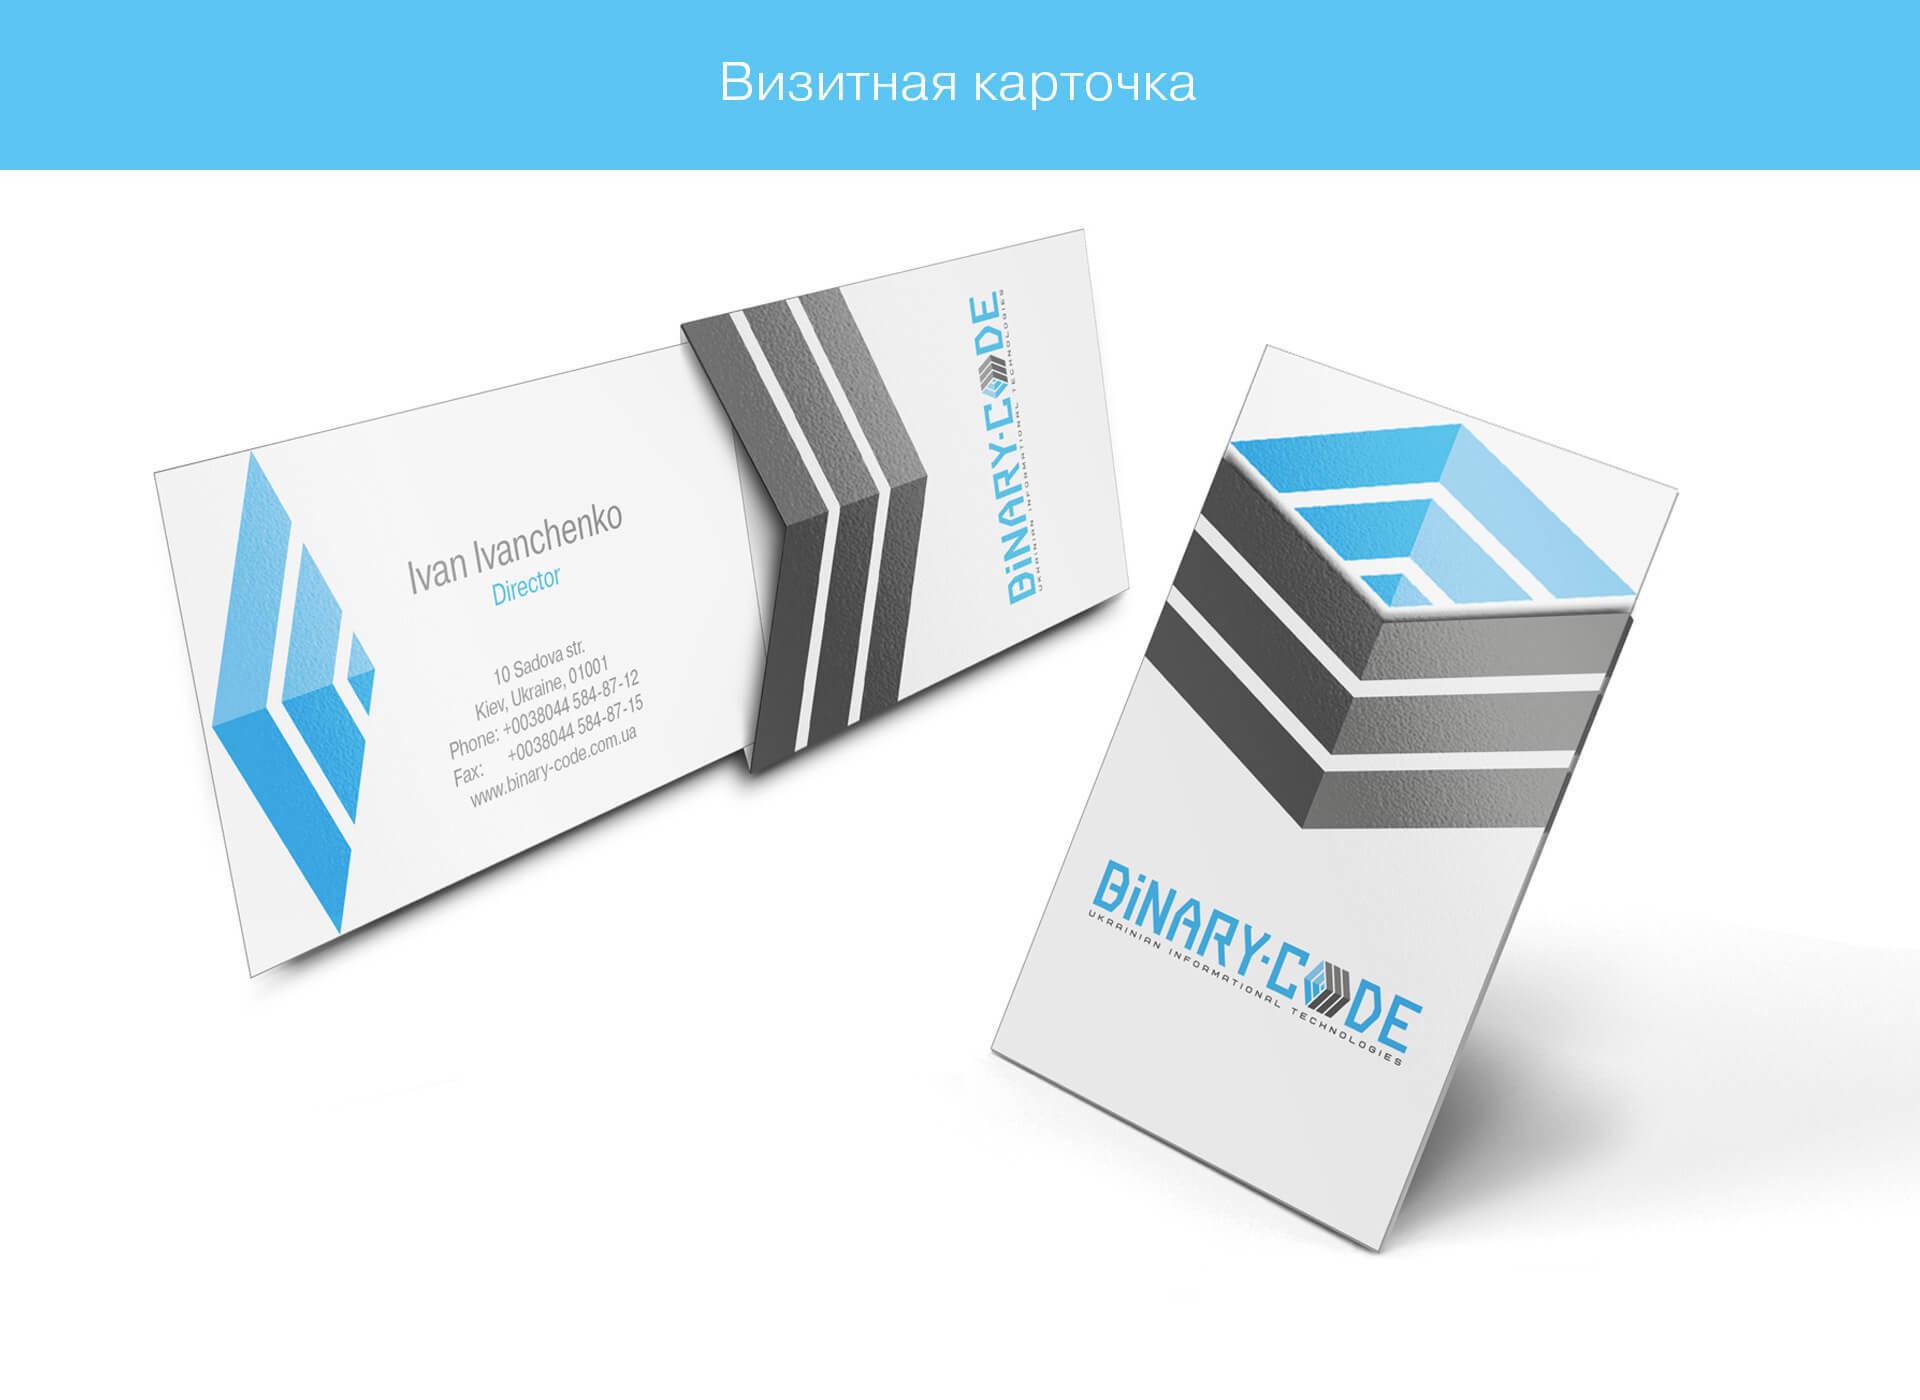 prokochuk_irina_binary-code_3_